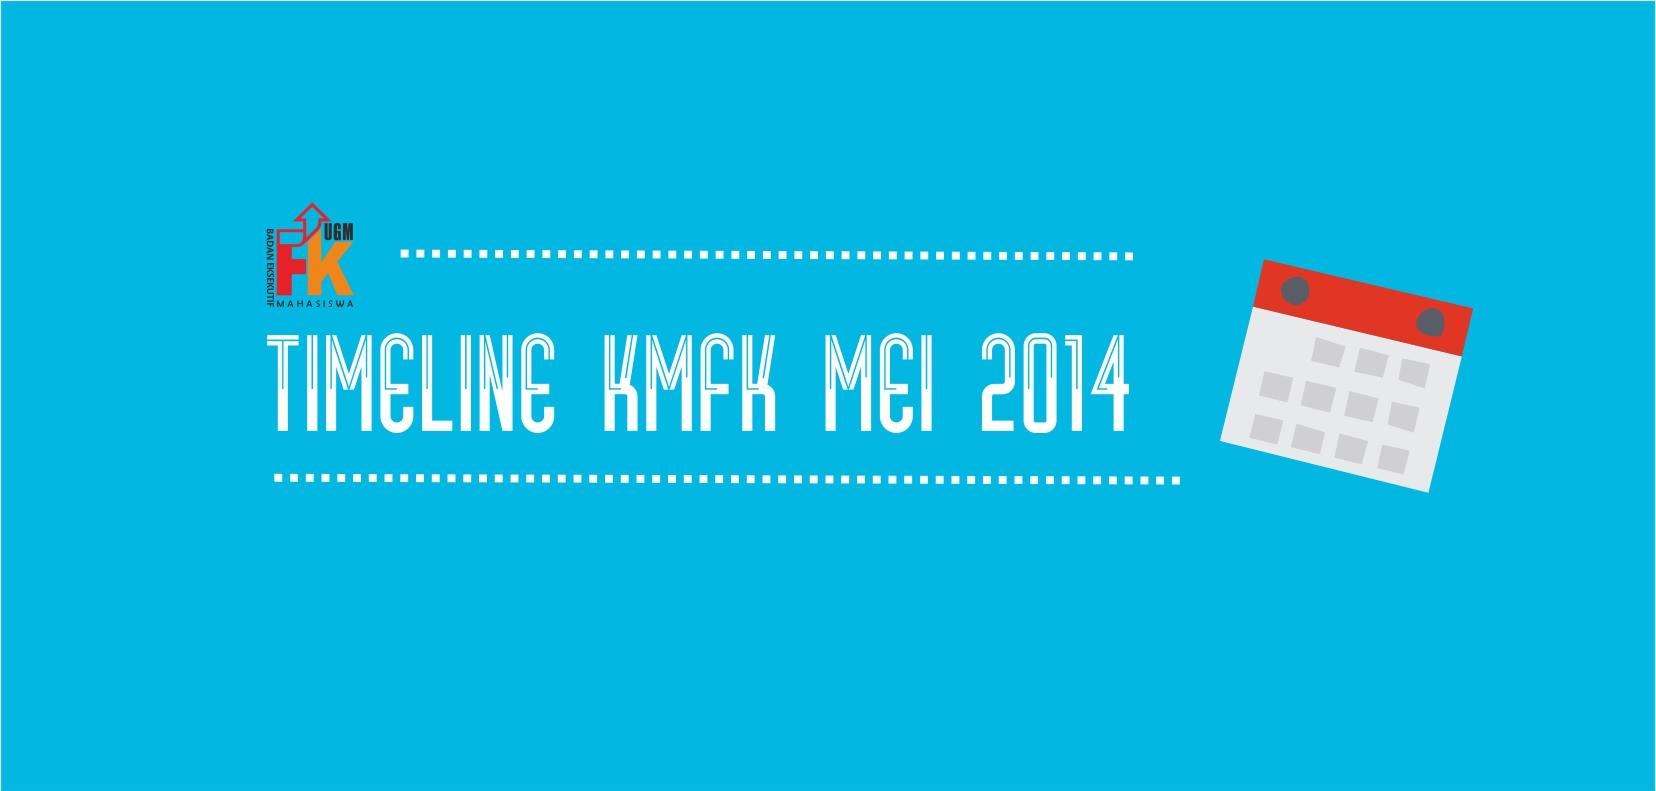 TIMELINE KMFK MEI 2014